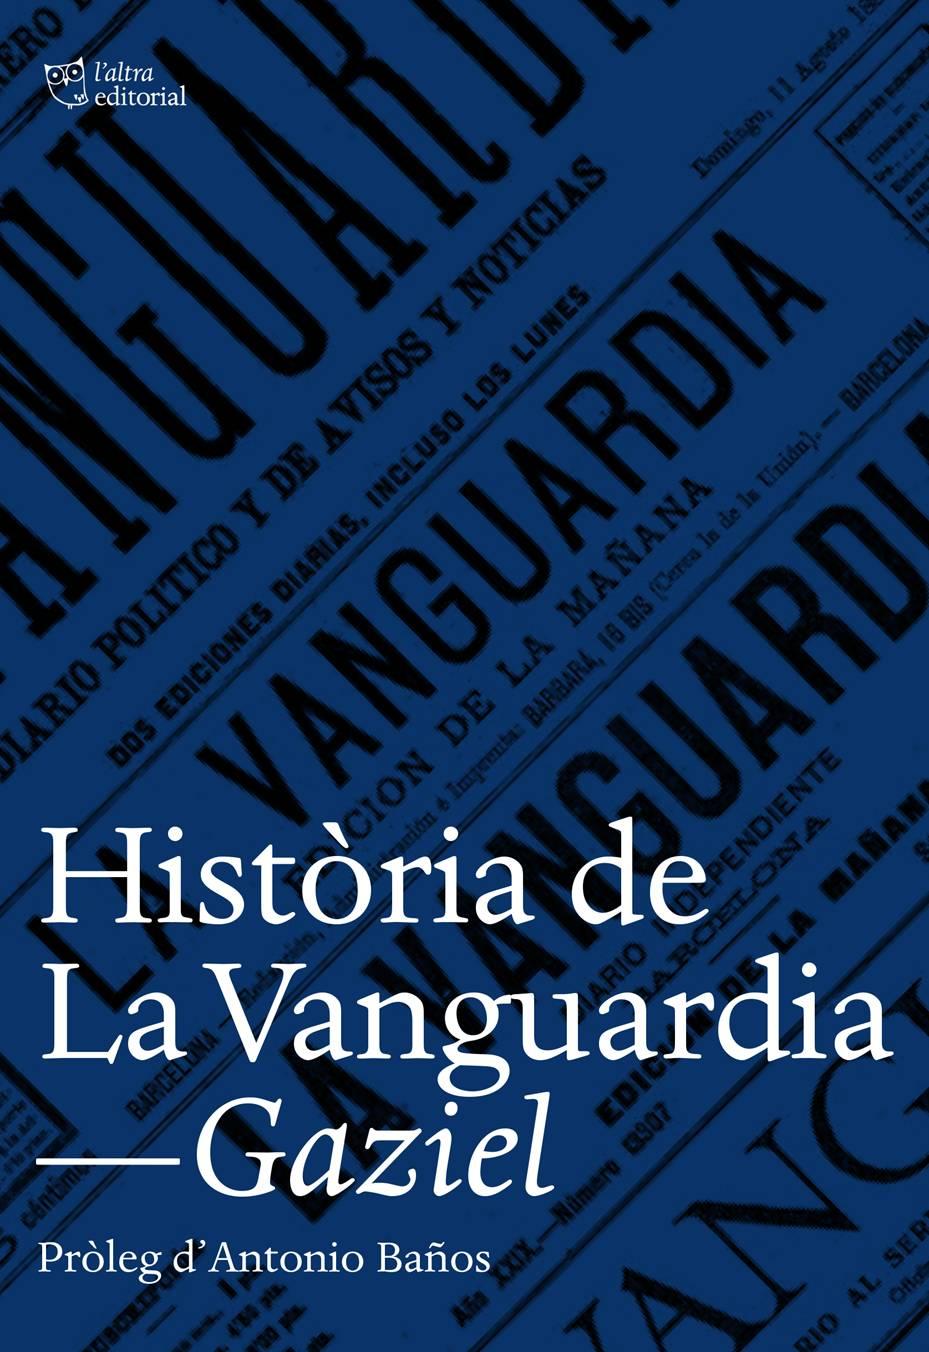 """Resultado de imagen de fotos de """"Historia de La Vanguardia"""" de Gaziel"""